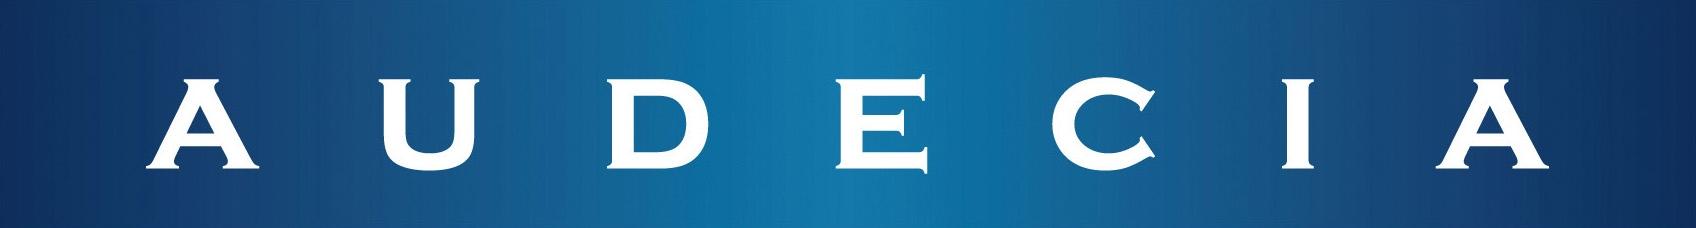 Ouvrage rédigé par le cabinet Audecia : www.audecia.com